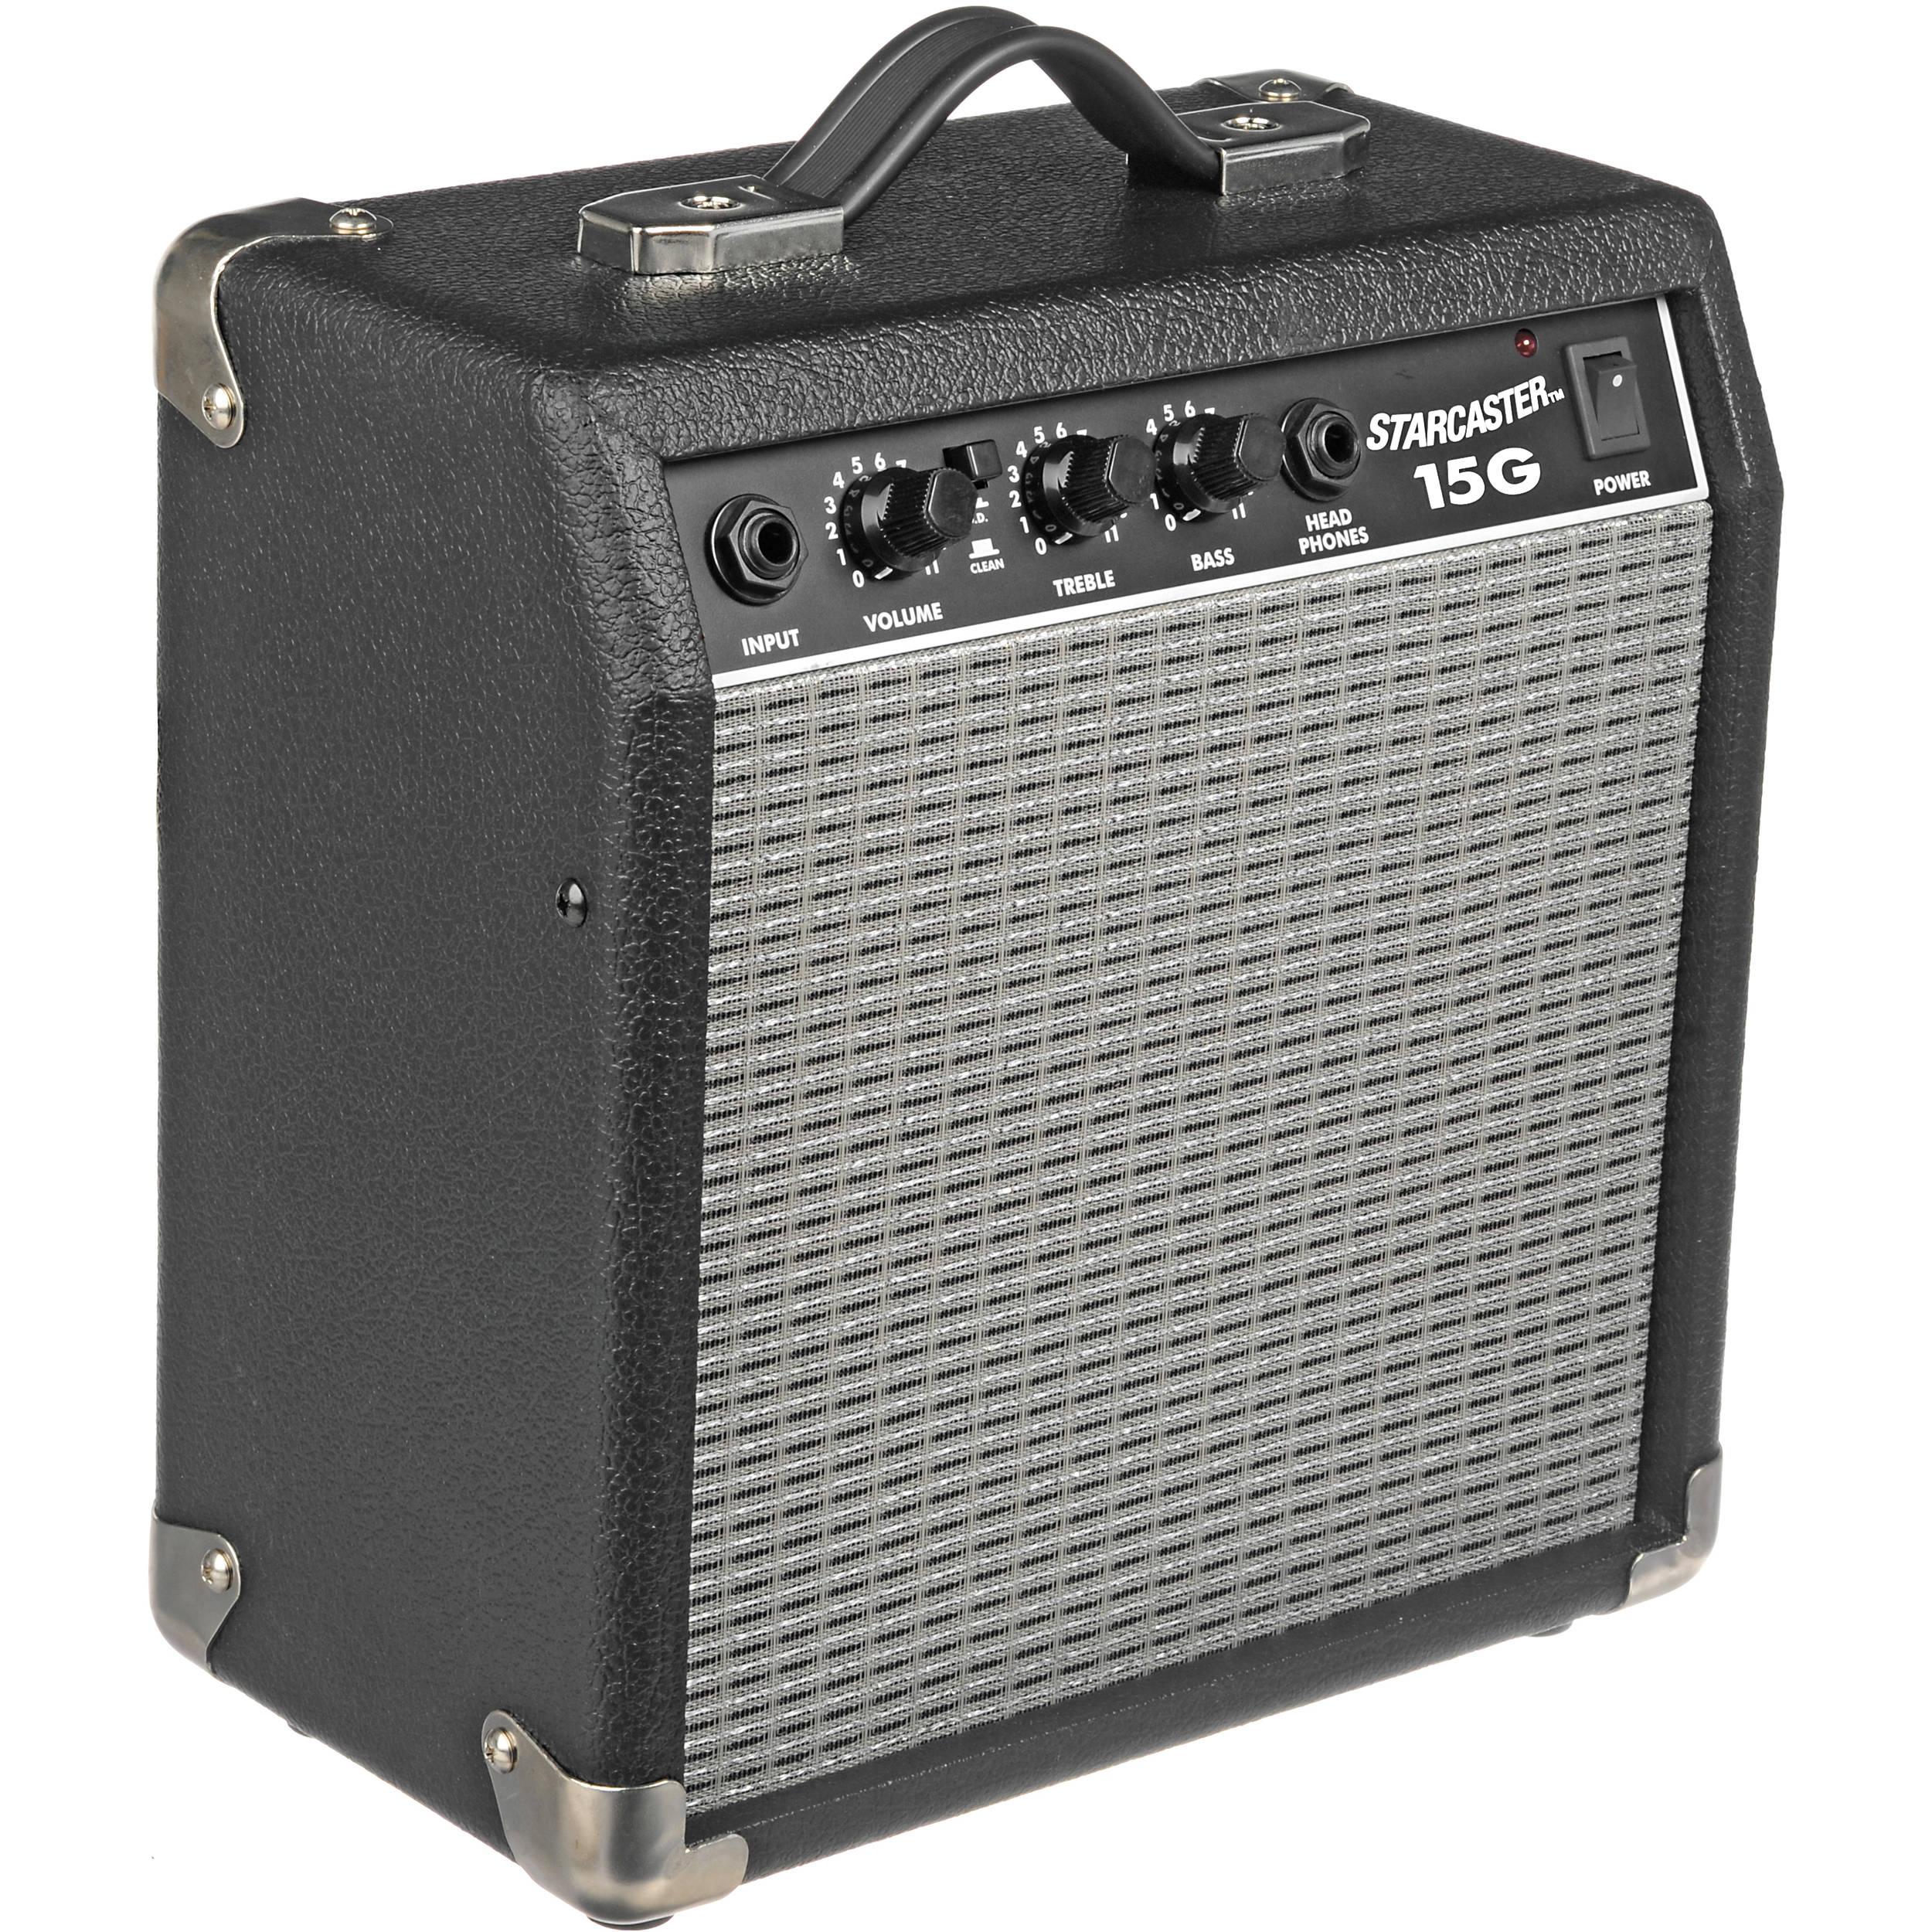 fender starcaster 15g guitar amplifier 15g b h photo video. Black Bedroom Furniture Sets. Home Design Ideas